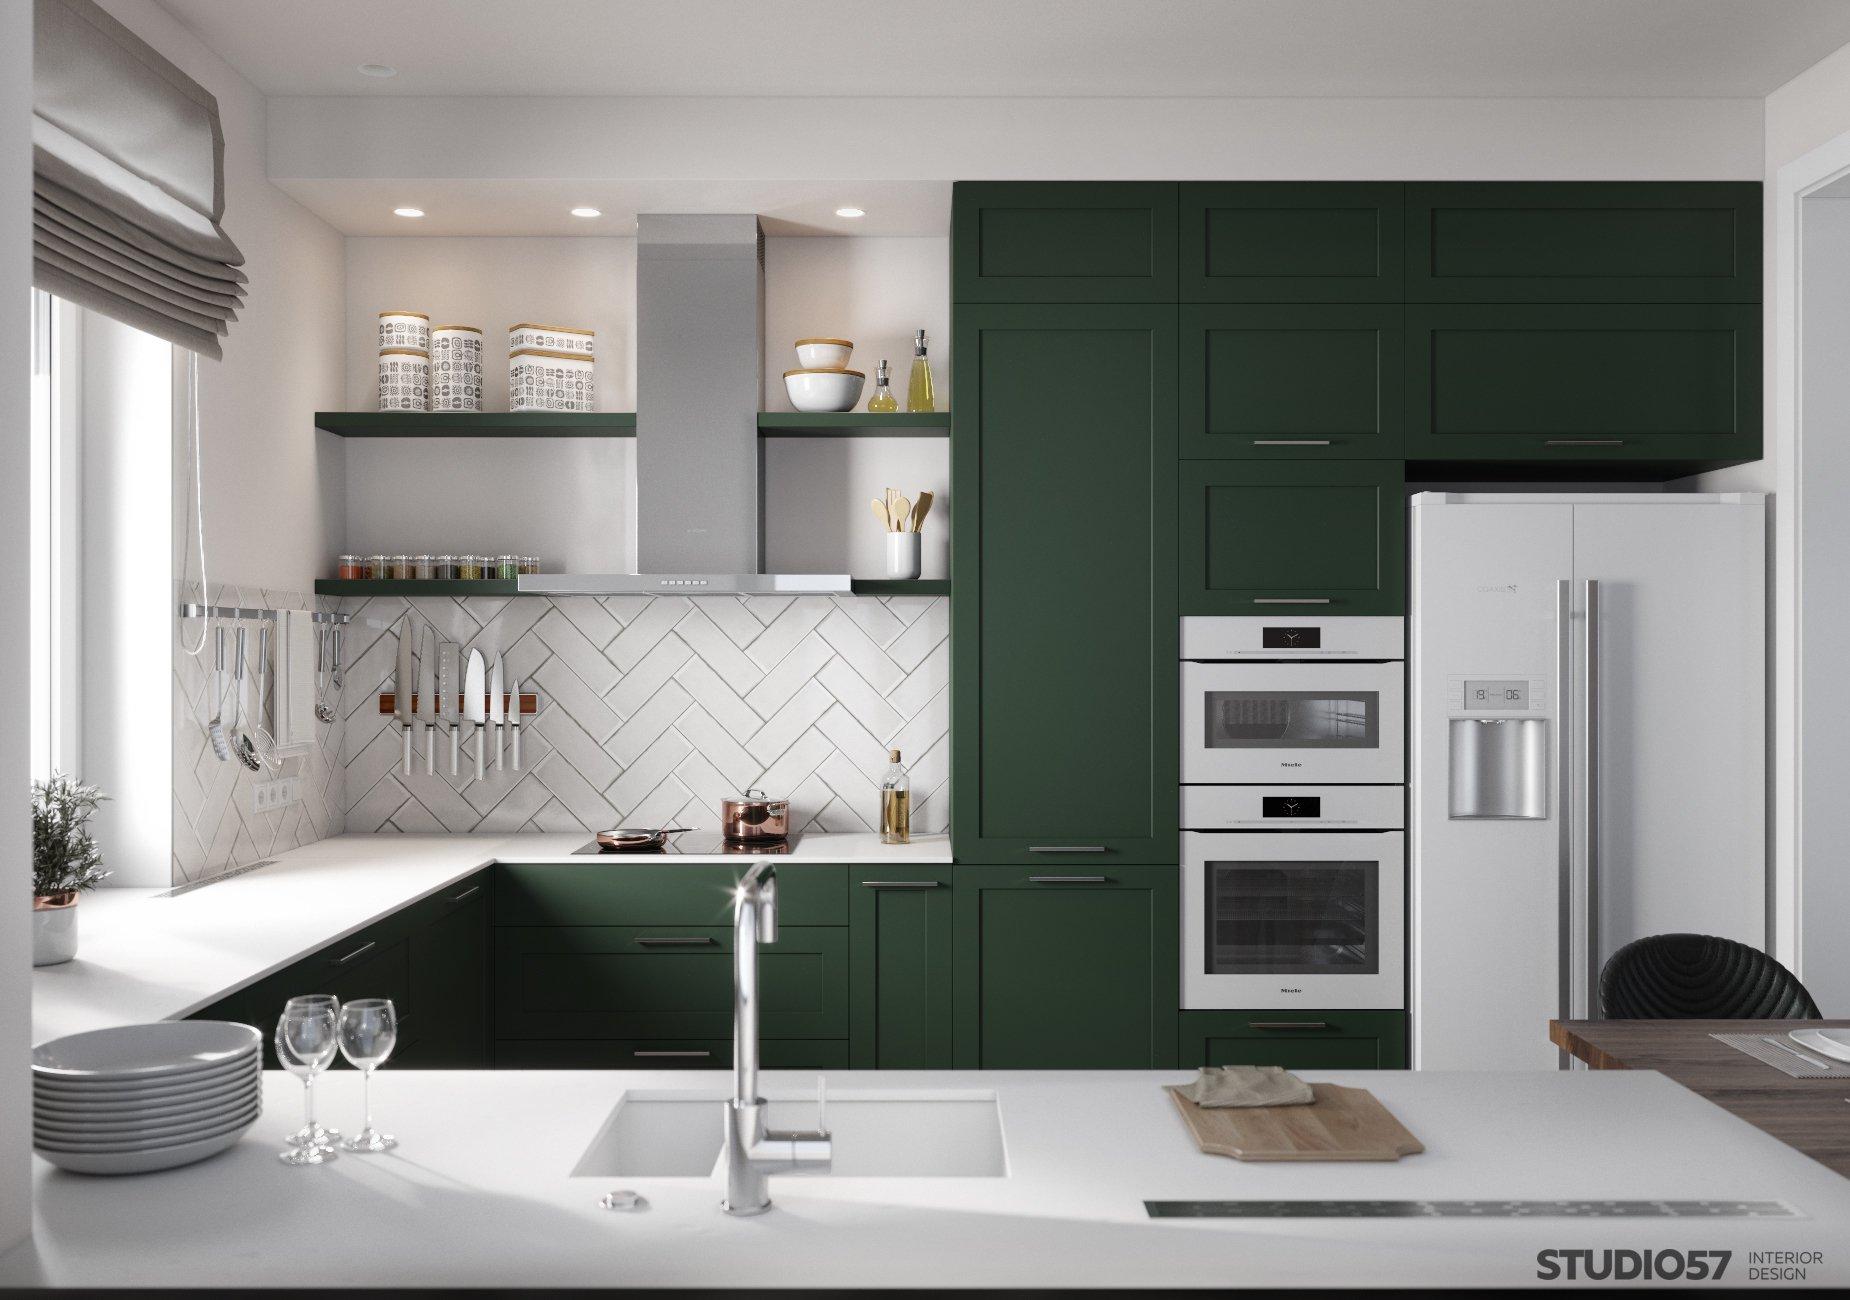 Kitchen interior design in green photo